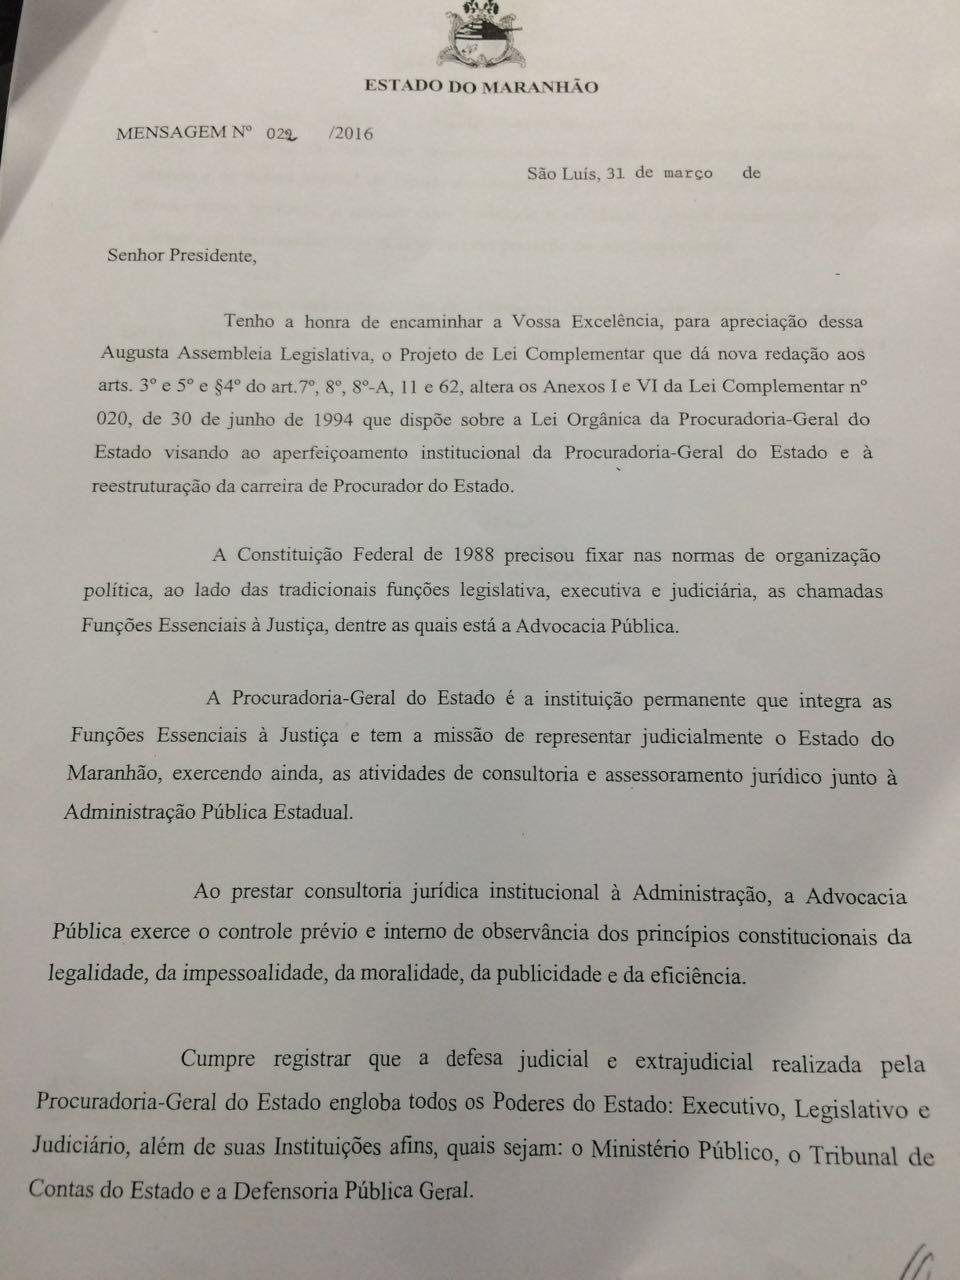 Documento encaminhado ao Poder Legislativo que trata da alteração da lei que veda procuradores de atuarem como advogados em causas particulares.